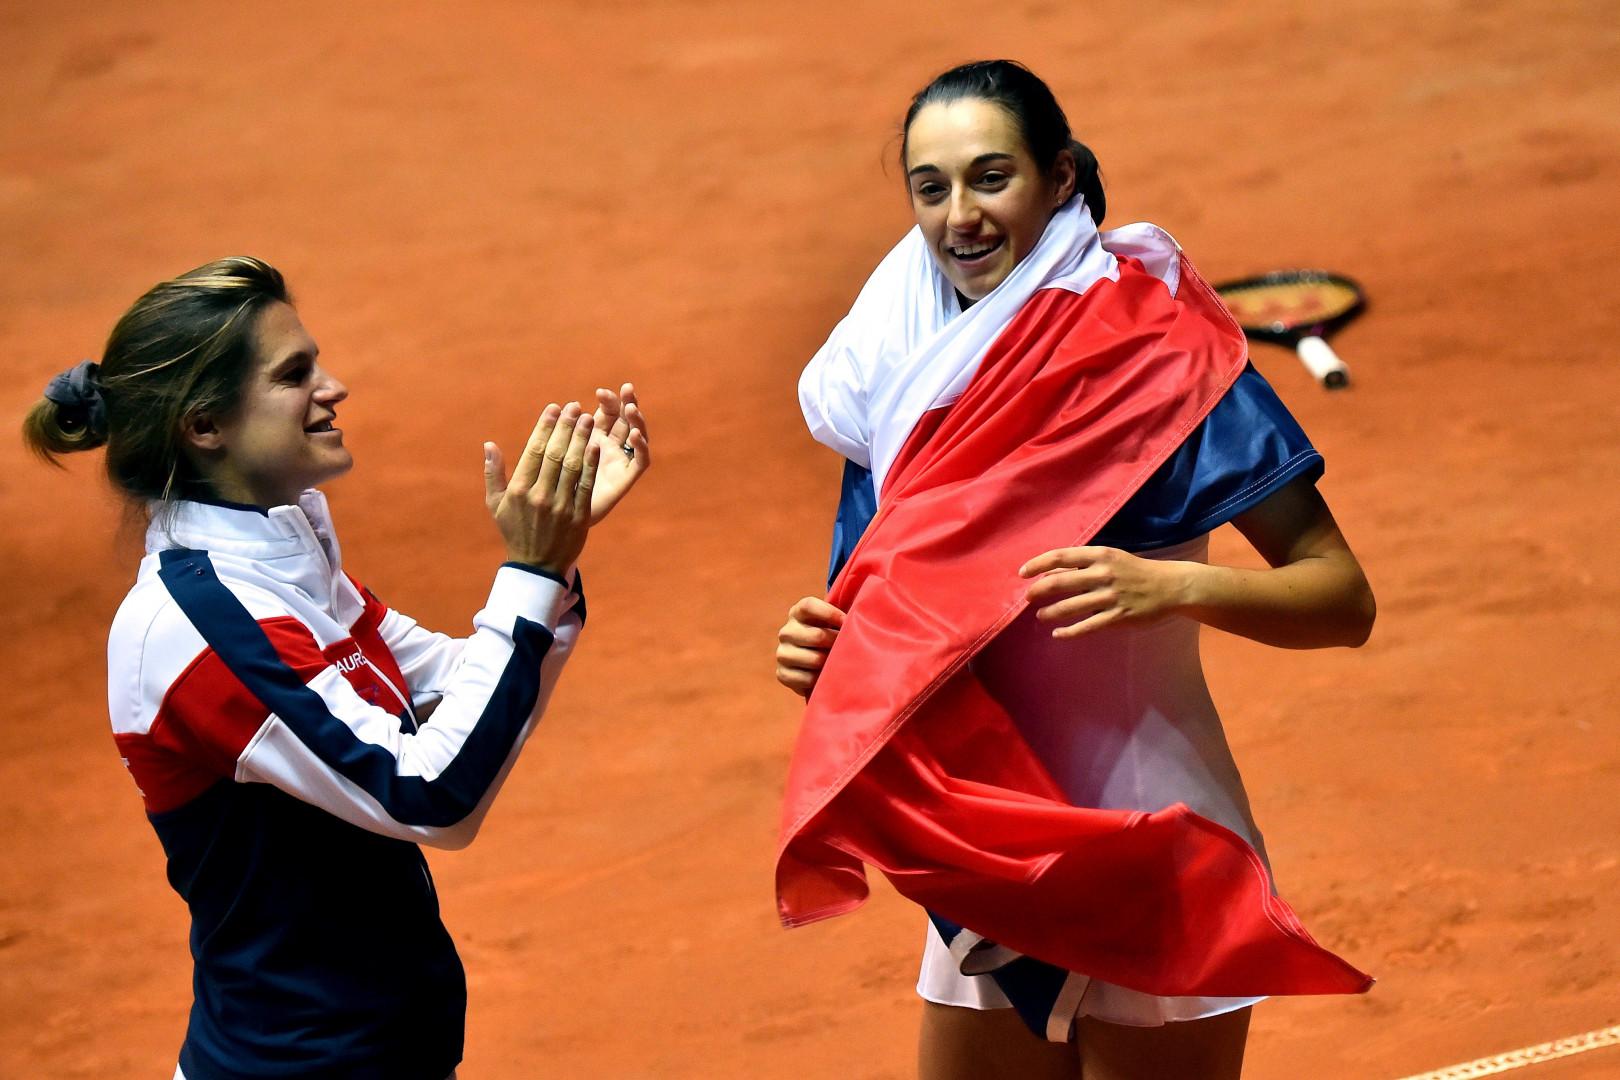 La capitaine de l'équipe de France, Amélie Mauresmo (à gauche), jubile après ce renversement de situation